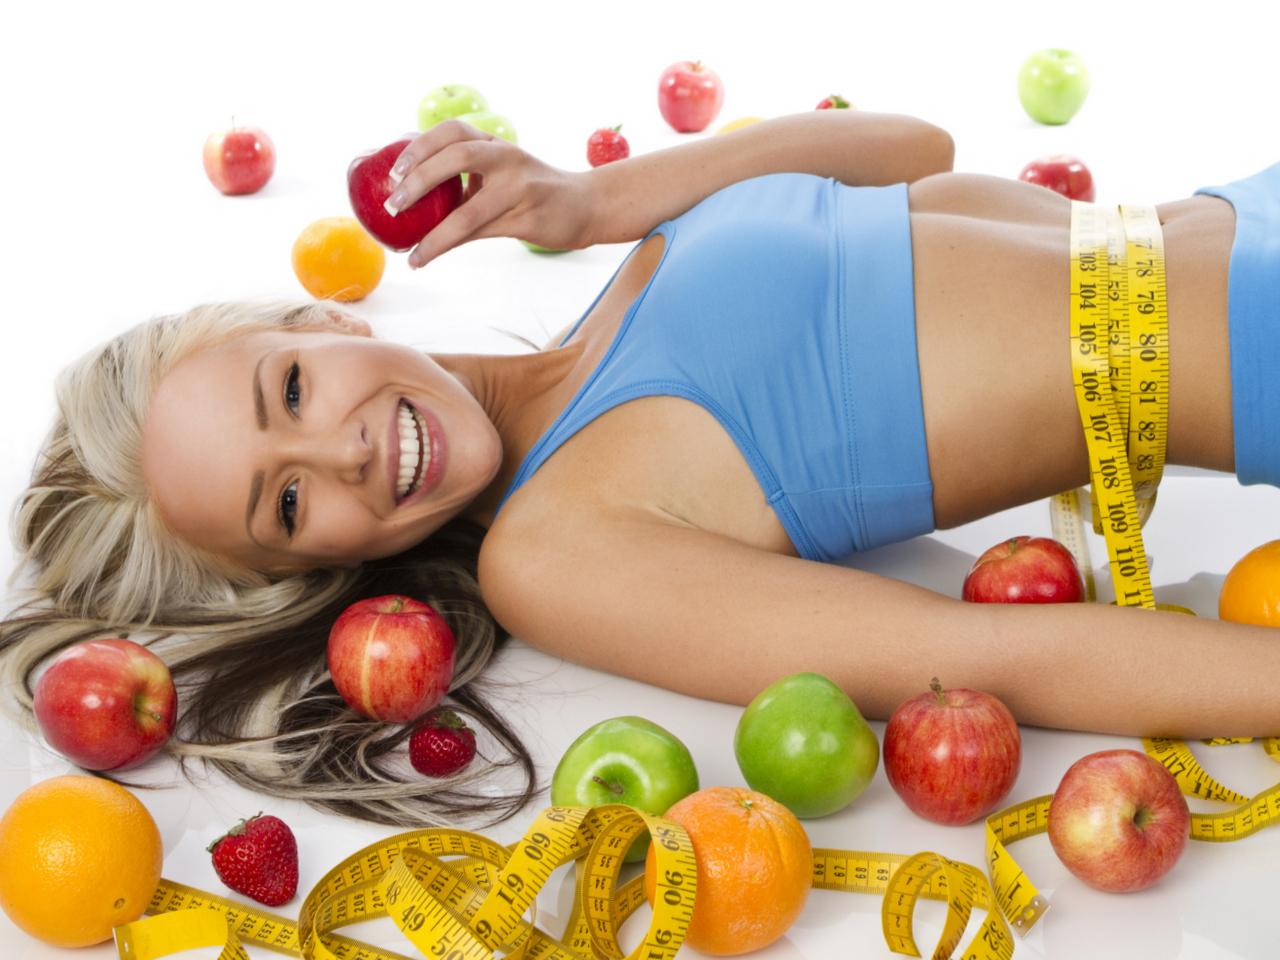 как похудеть за неделю упражнения ютуб